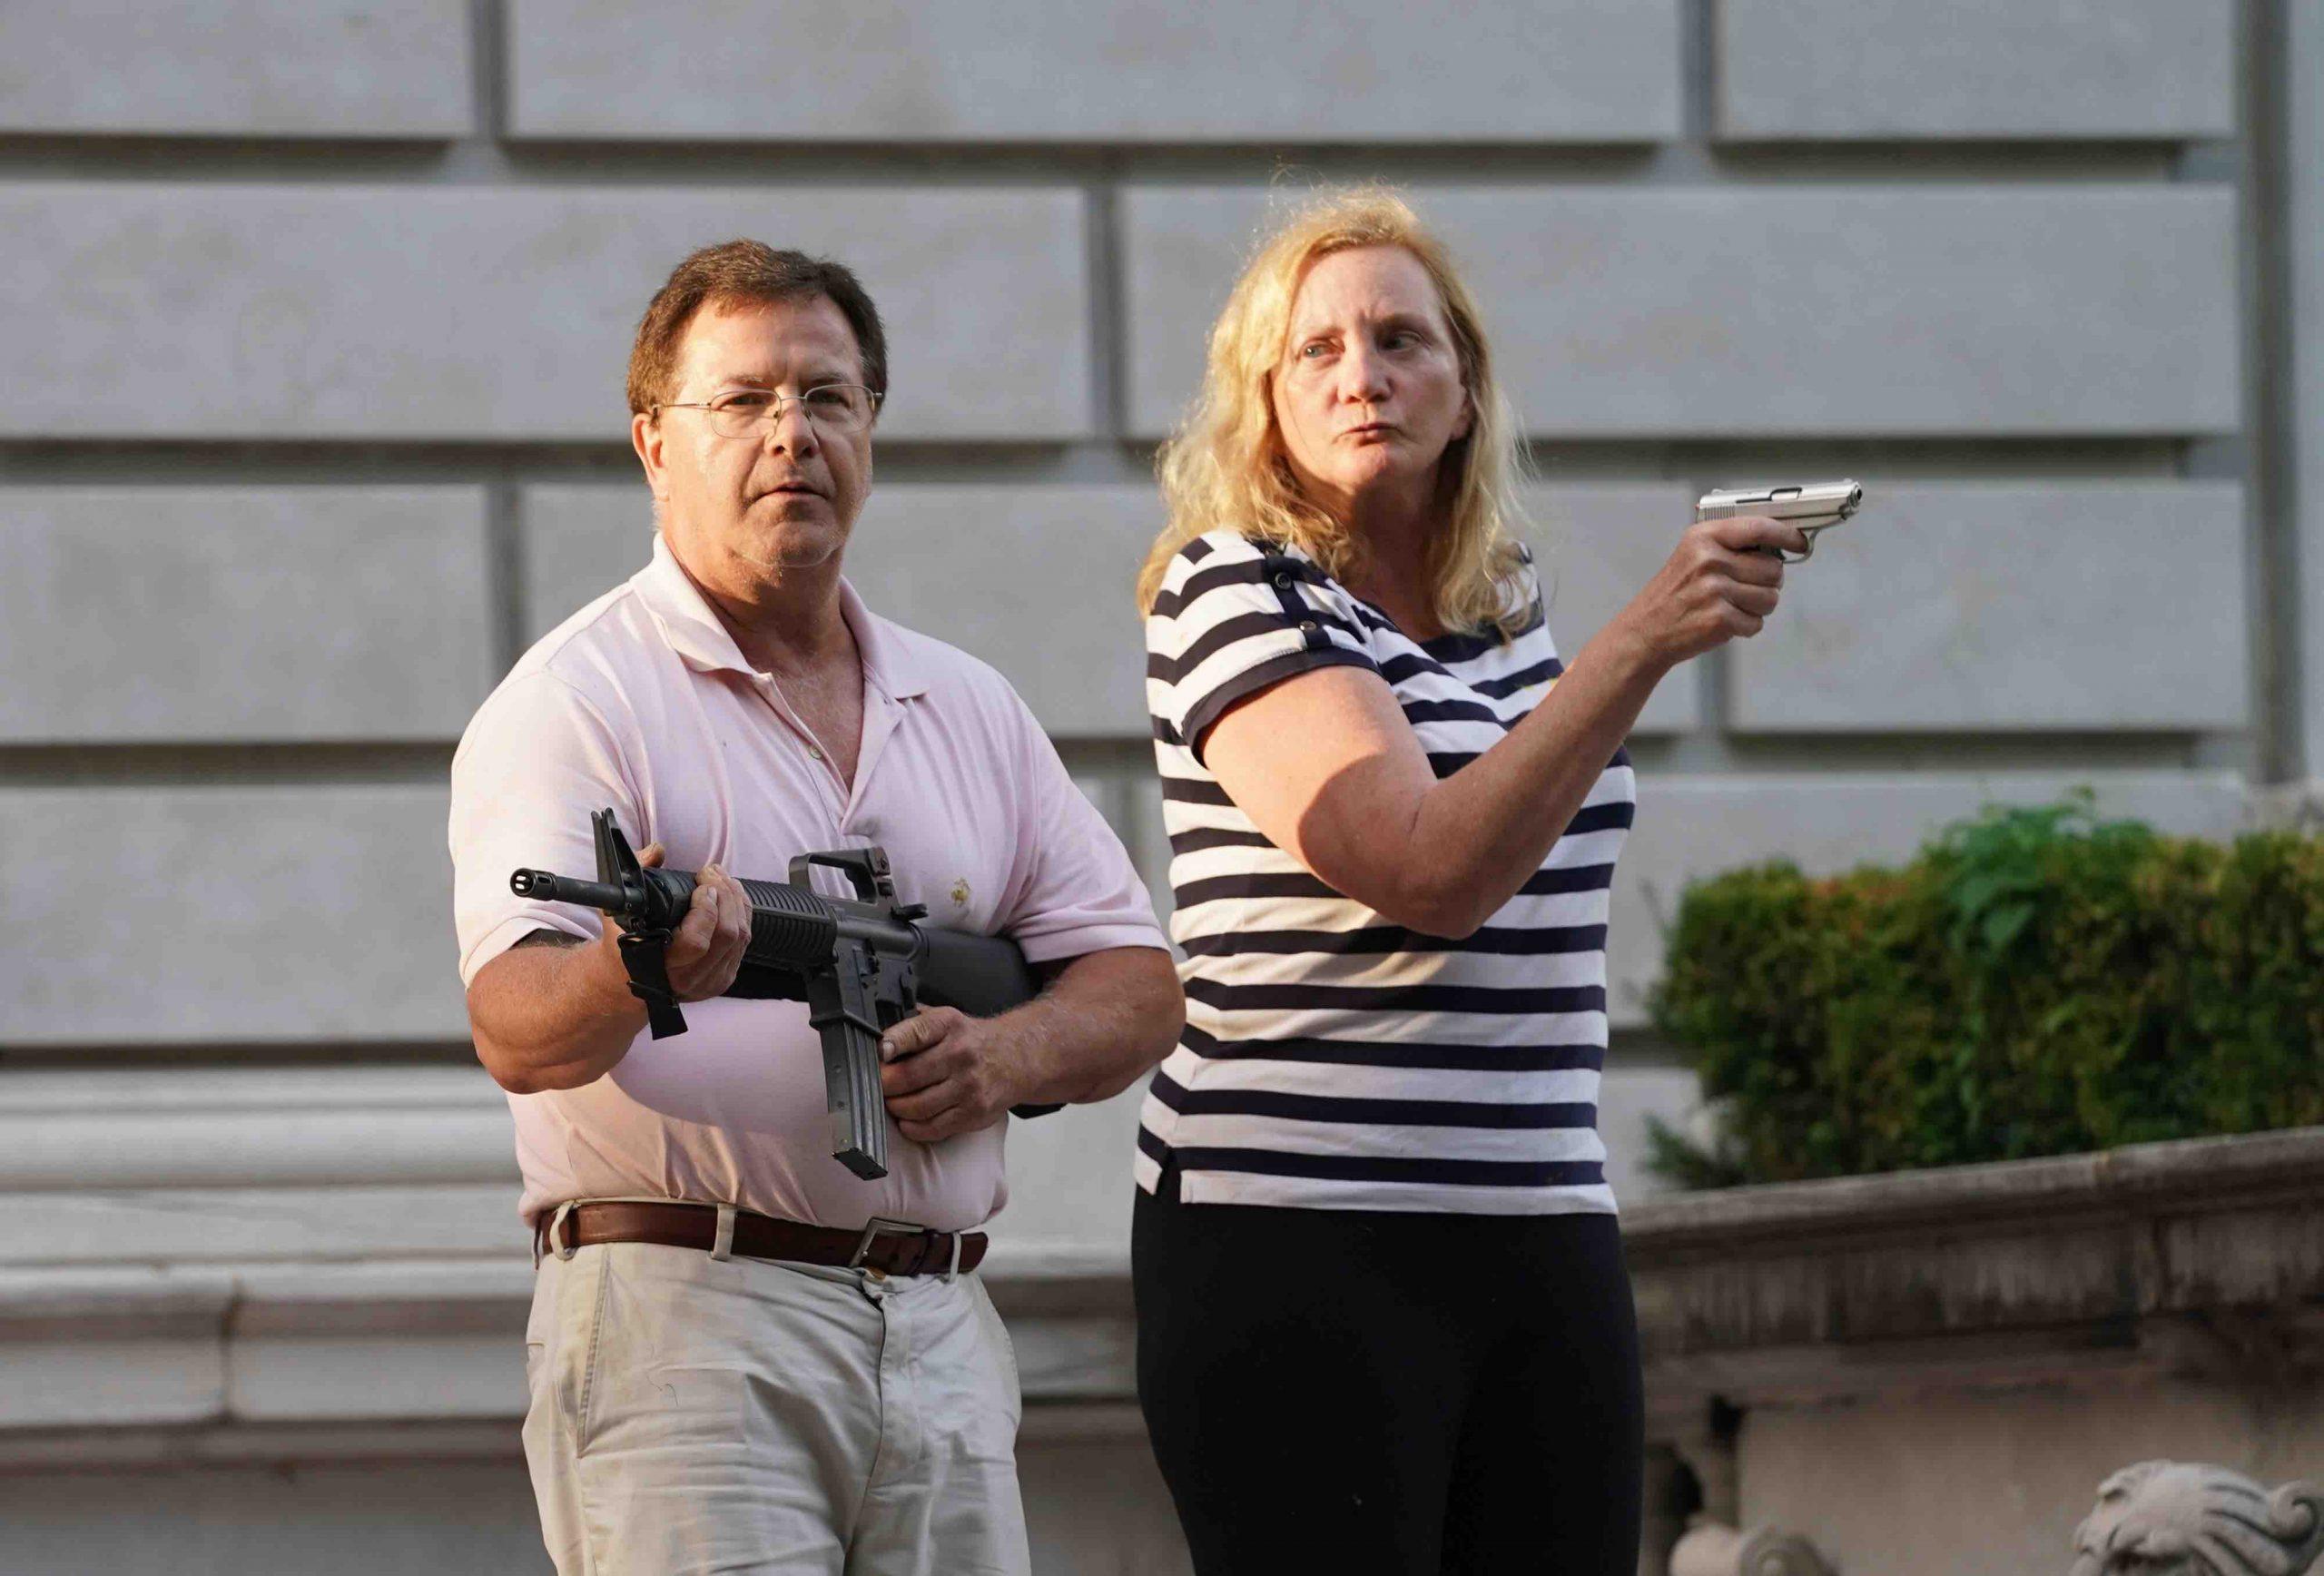 бонни и клайд из сент-луиса белая пара с оружием осуждены